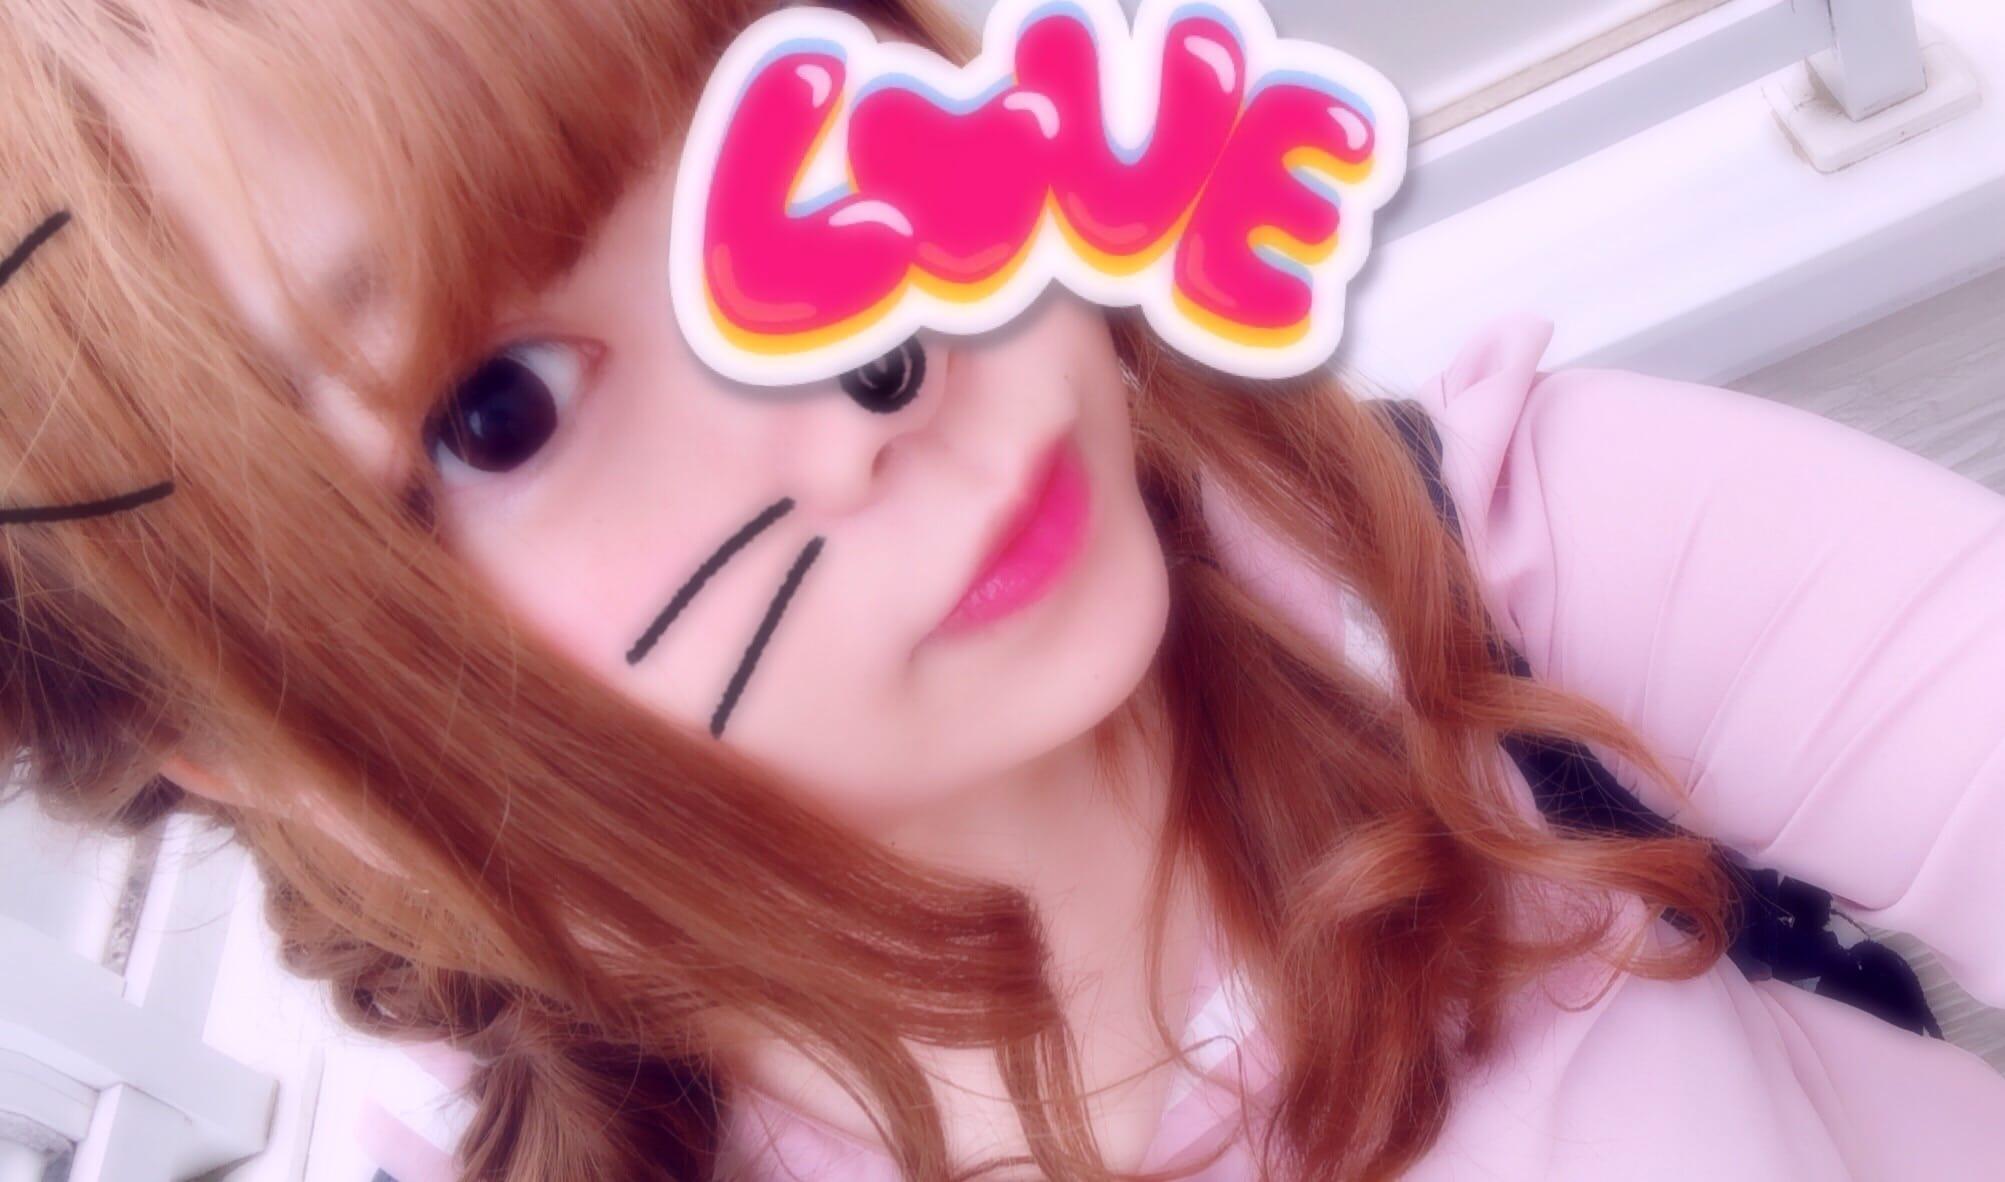 「24時から♪」05/04(05/04) 19:08 | めい【池袋店】の写メ・風俗動画